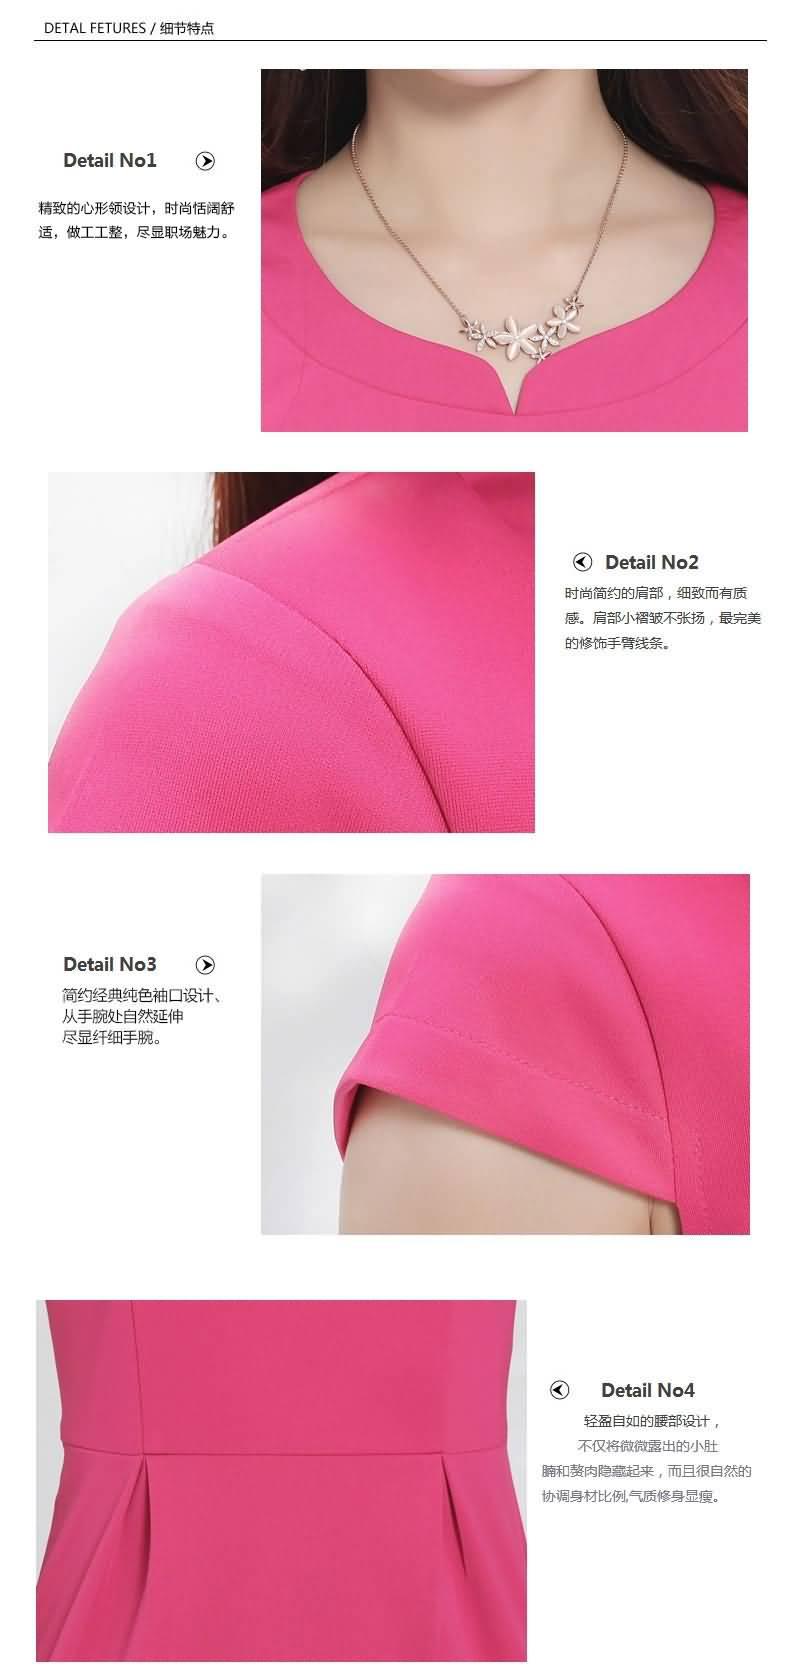 粉色连衣裙细节图片